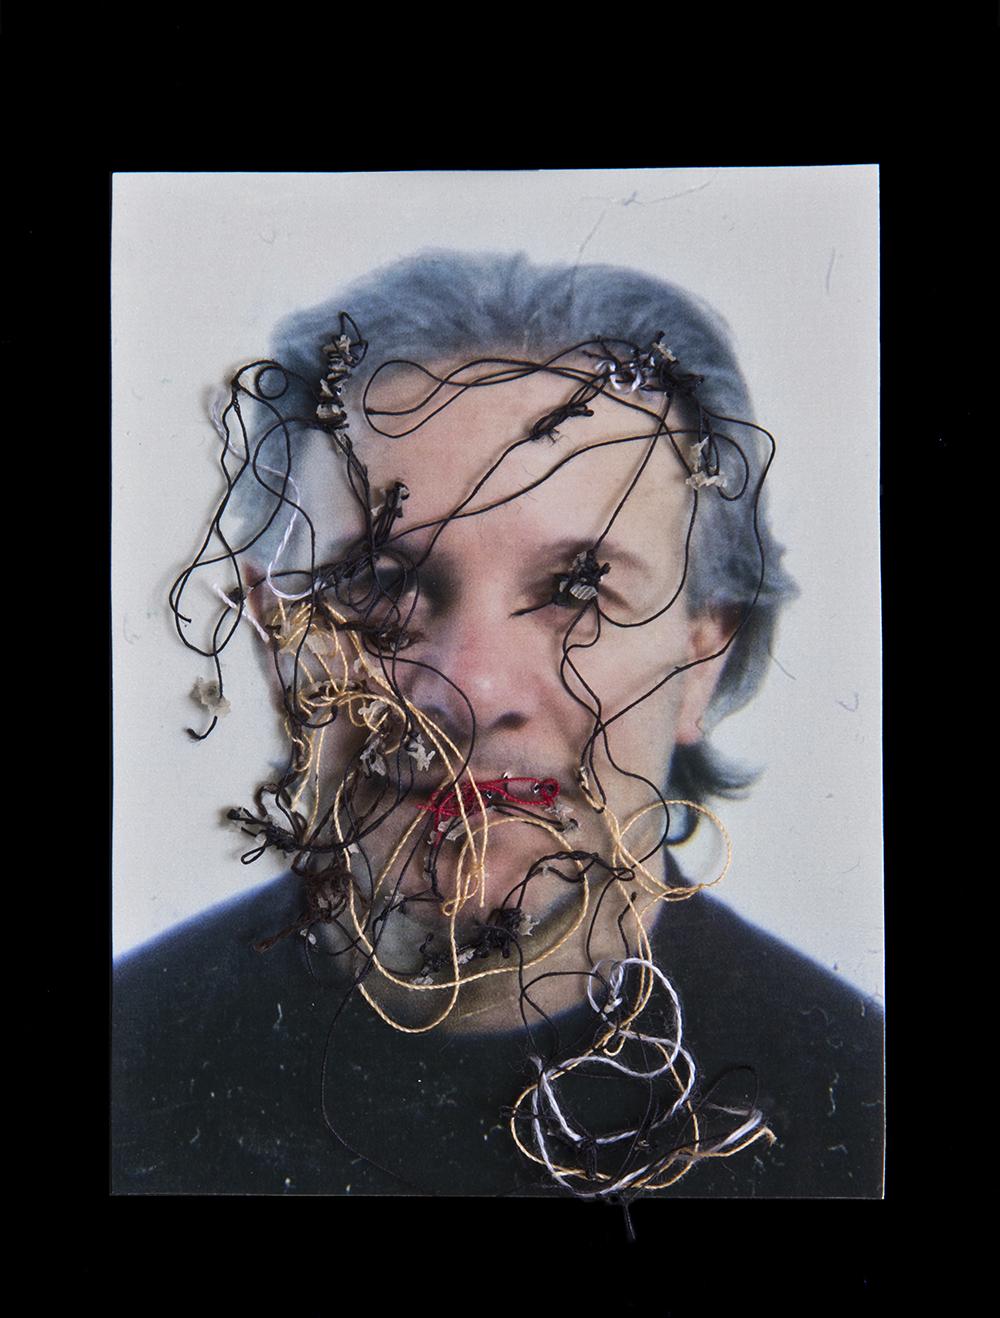 Mi profesor de acordeón, Lino A flor de piel, 09. 10x15 cm. Fotografía, hilo y piel. 2012